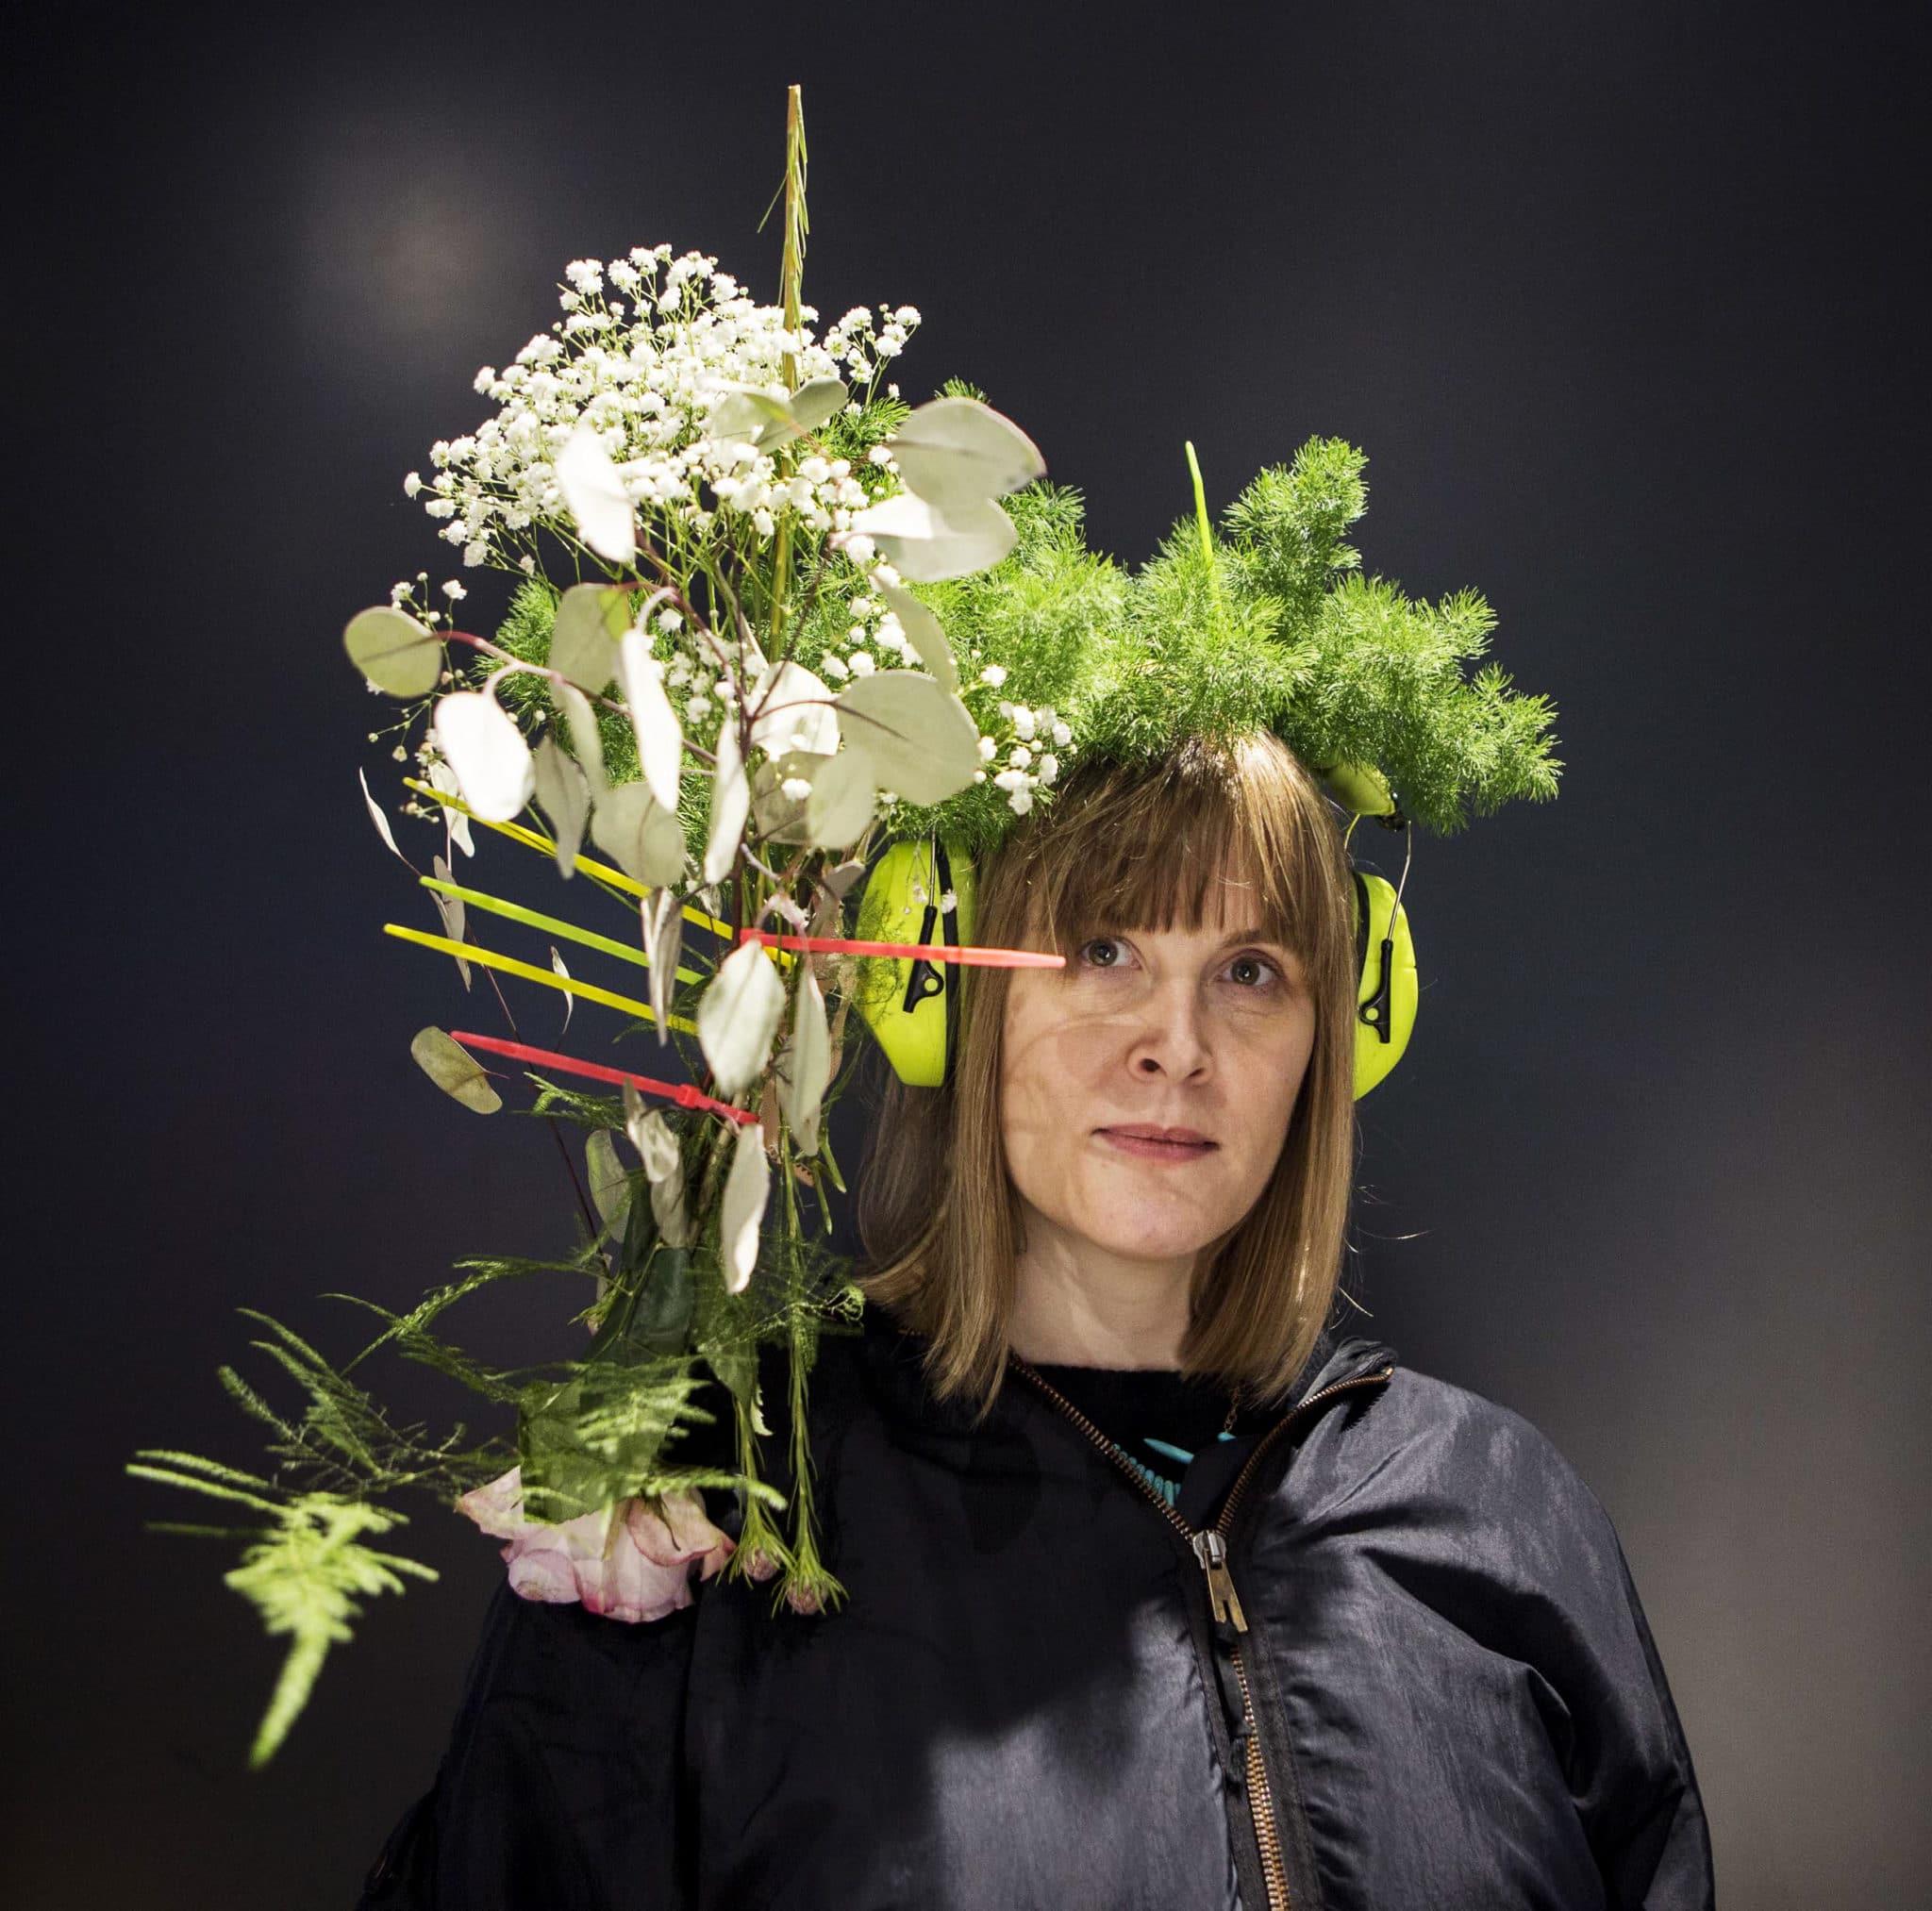 kvinne med en blomsterkrone på hodet